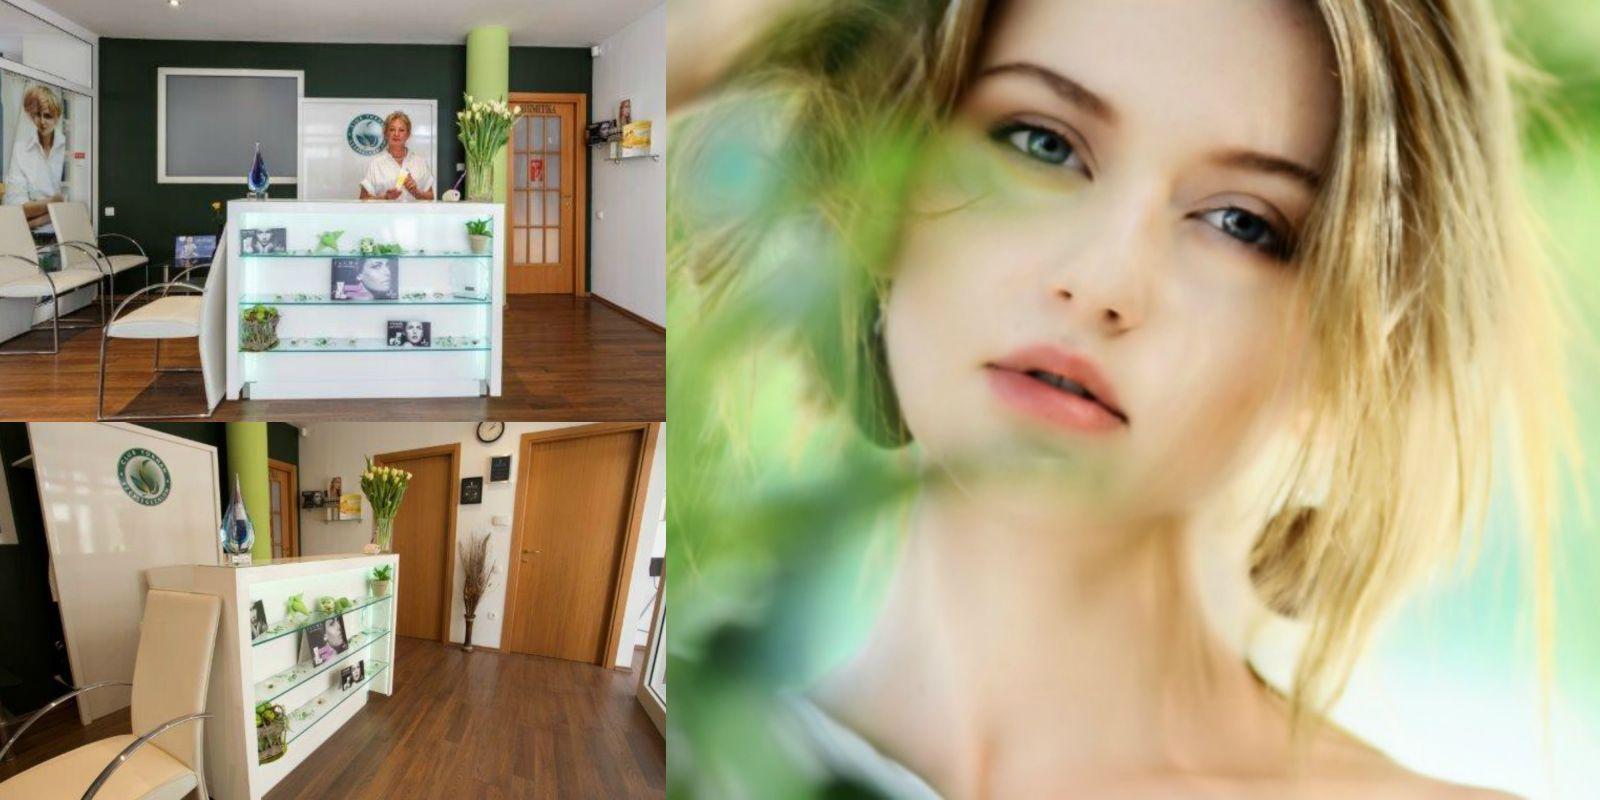 kozmetika, kozmetika budapest, kozmetika budapest 1. Kerület, kozmetikus budapest 1. kerület, arcfeszesítés műtét nélkül, bwnet, online bejelentkezés, online időpontfoglalás, beauty world net, club forman szépségszalon, club forman kozmetika